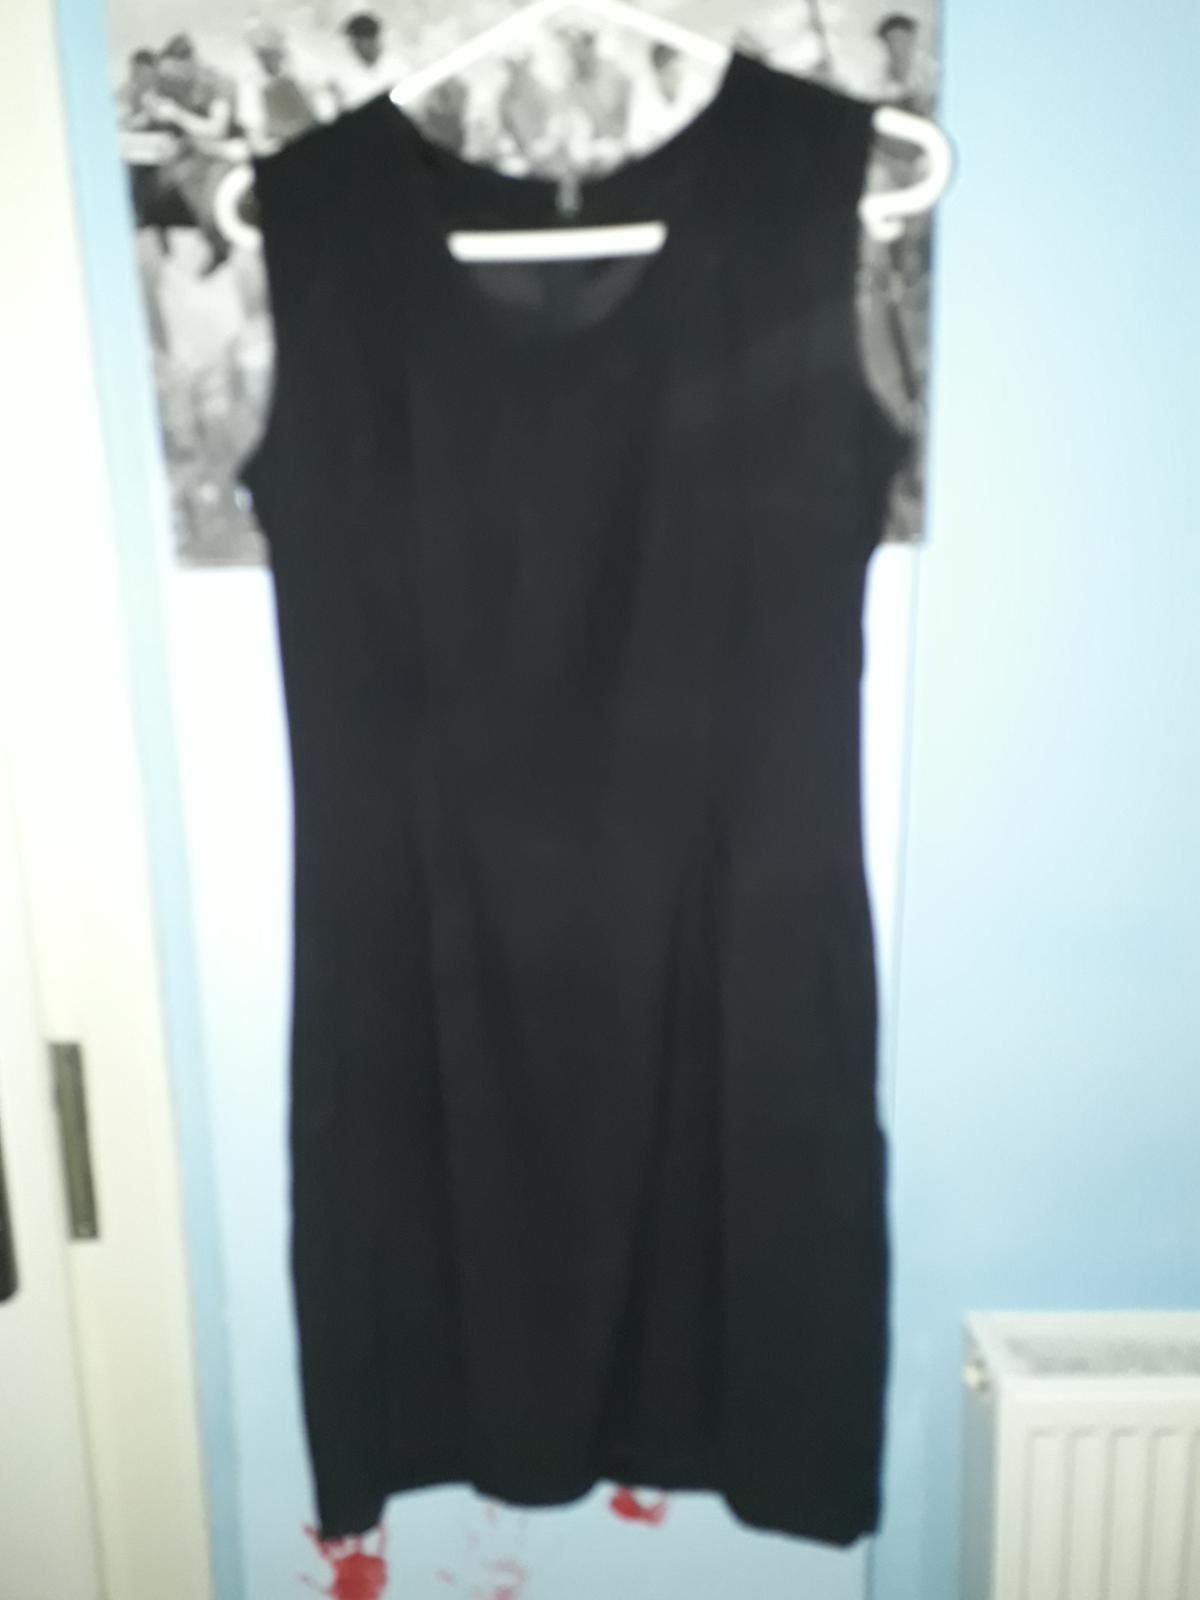 malé černé šaty, vel L - Obrázek č. 1